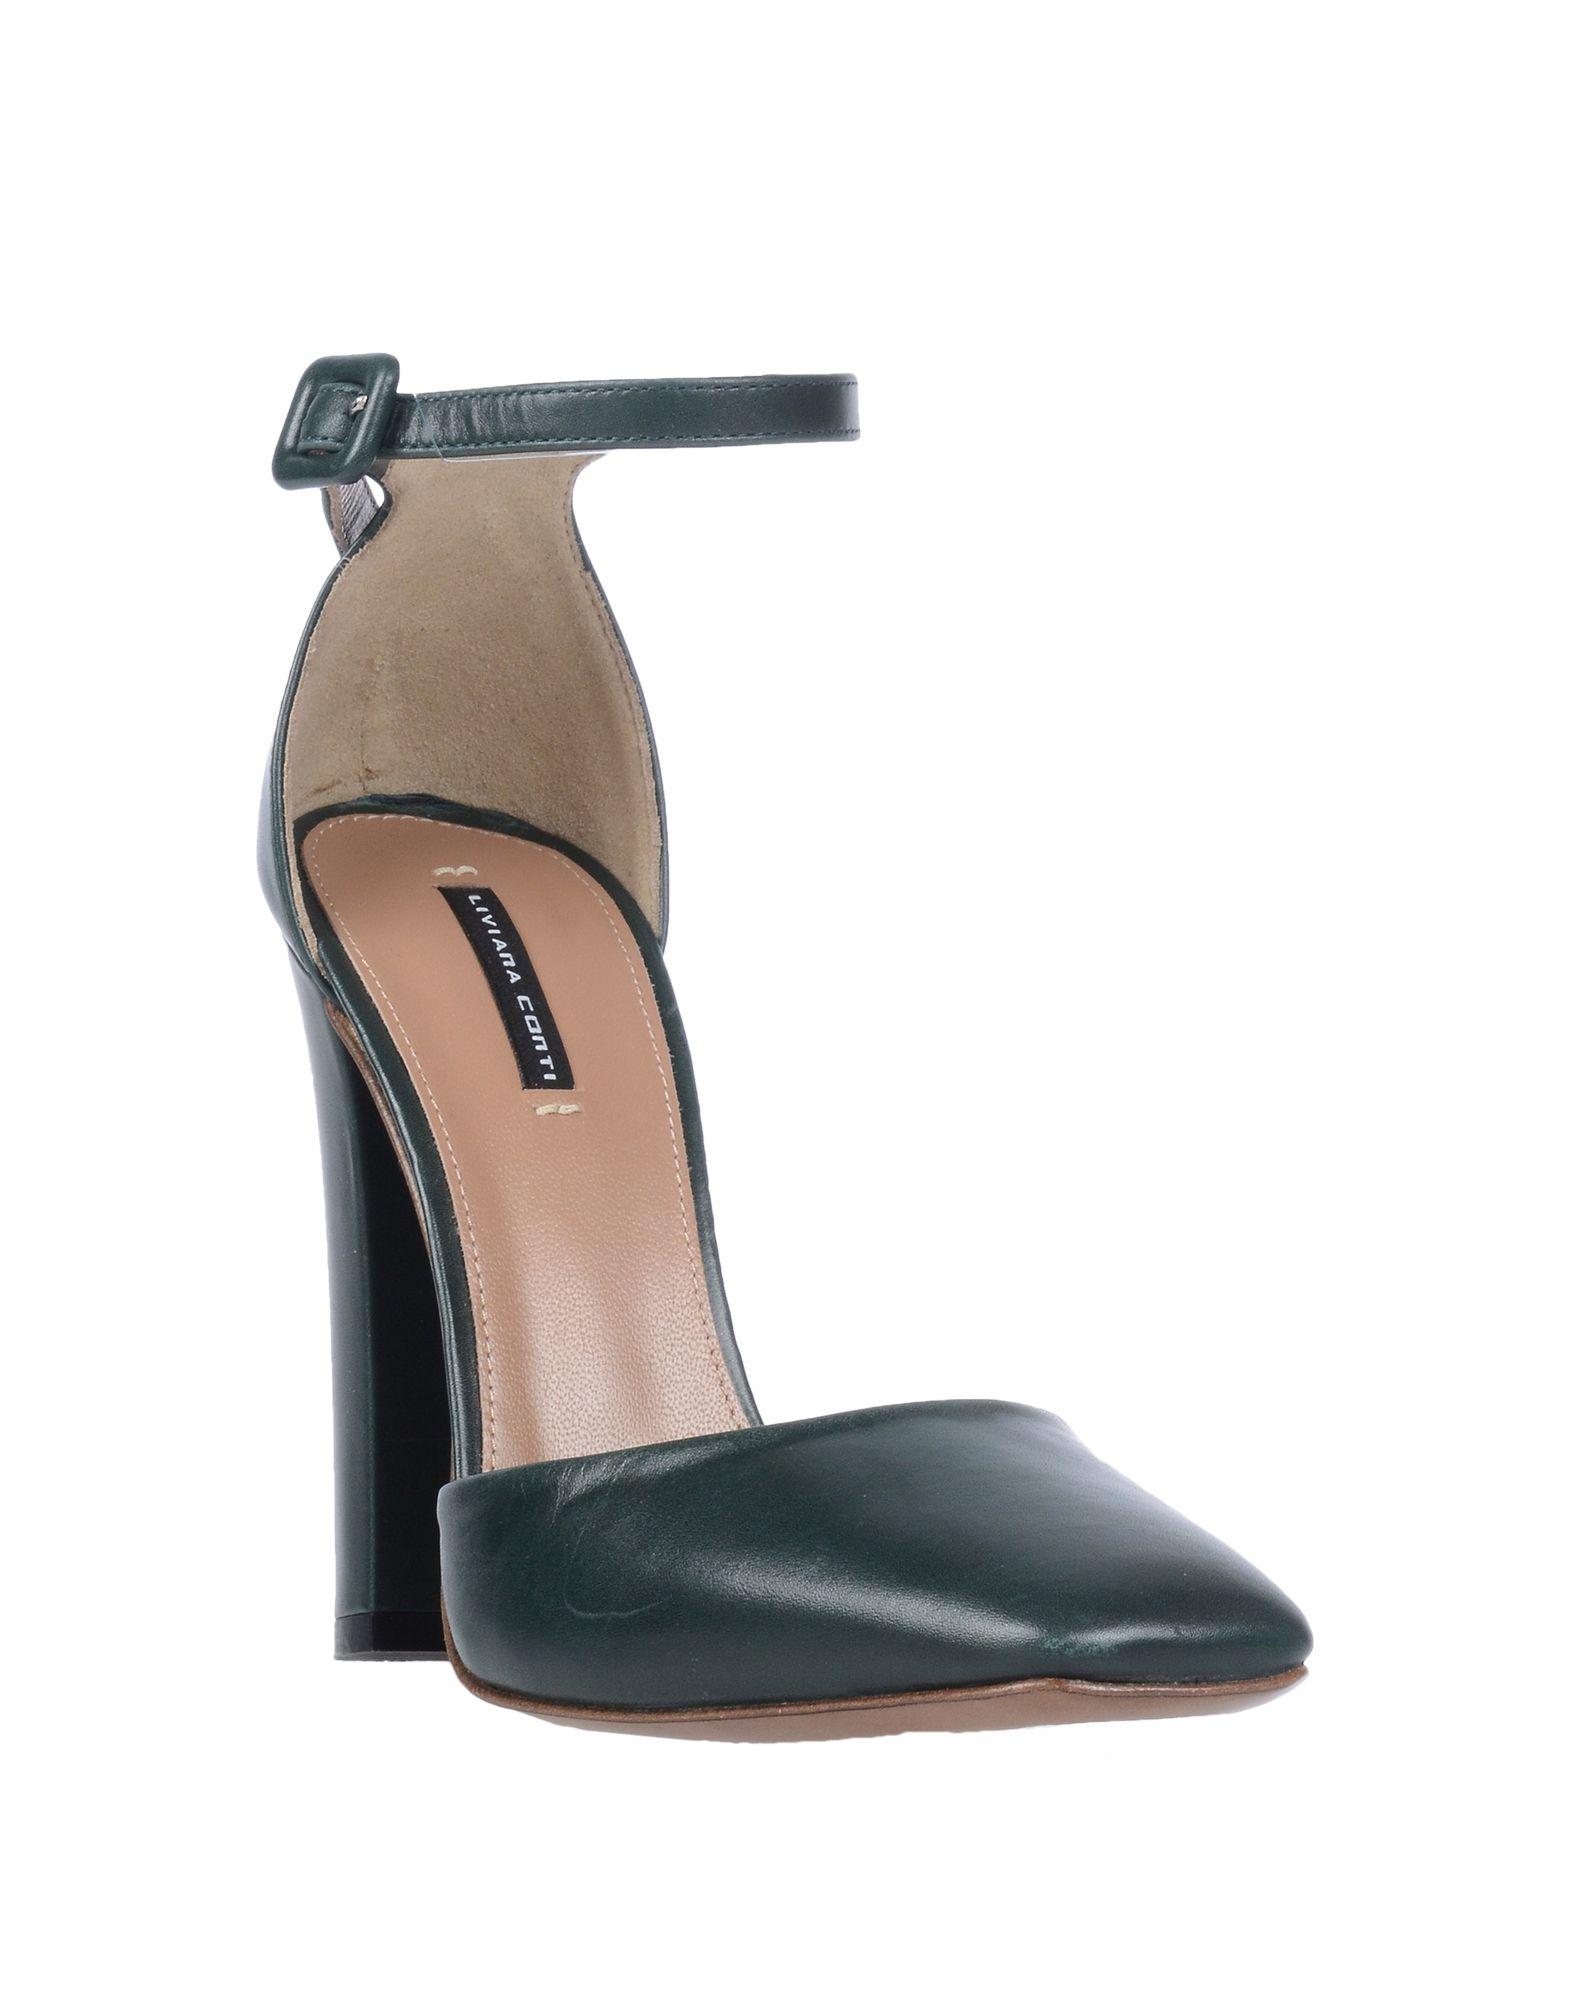 Stilvolle billige Schuhe Liviana  Conti Pumps Damen  Liviana 11552343HU 19fa48